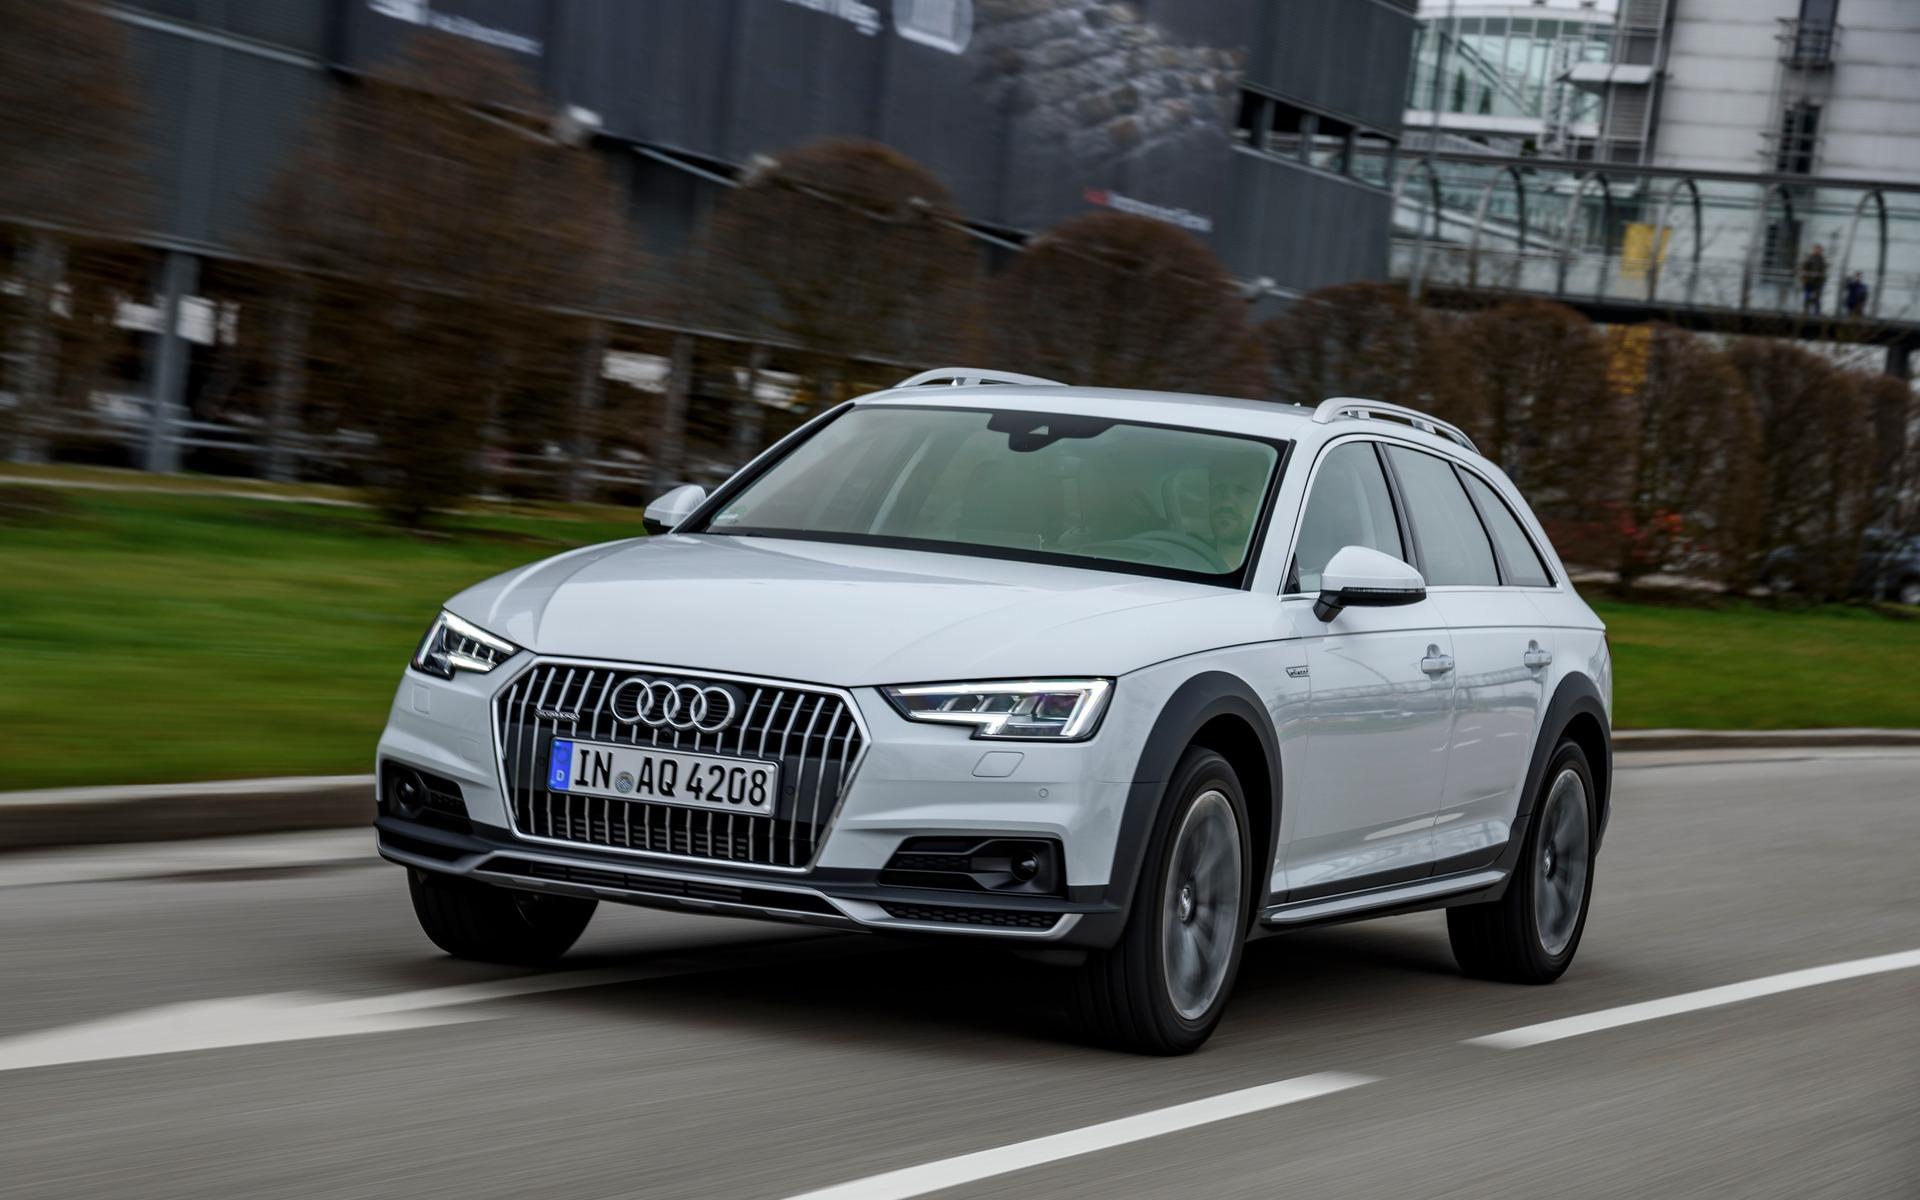 Kelebihan Kekurangan Audi Allroad 2018 Spesifikasi